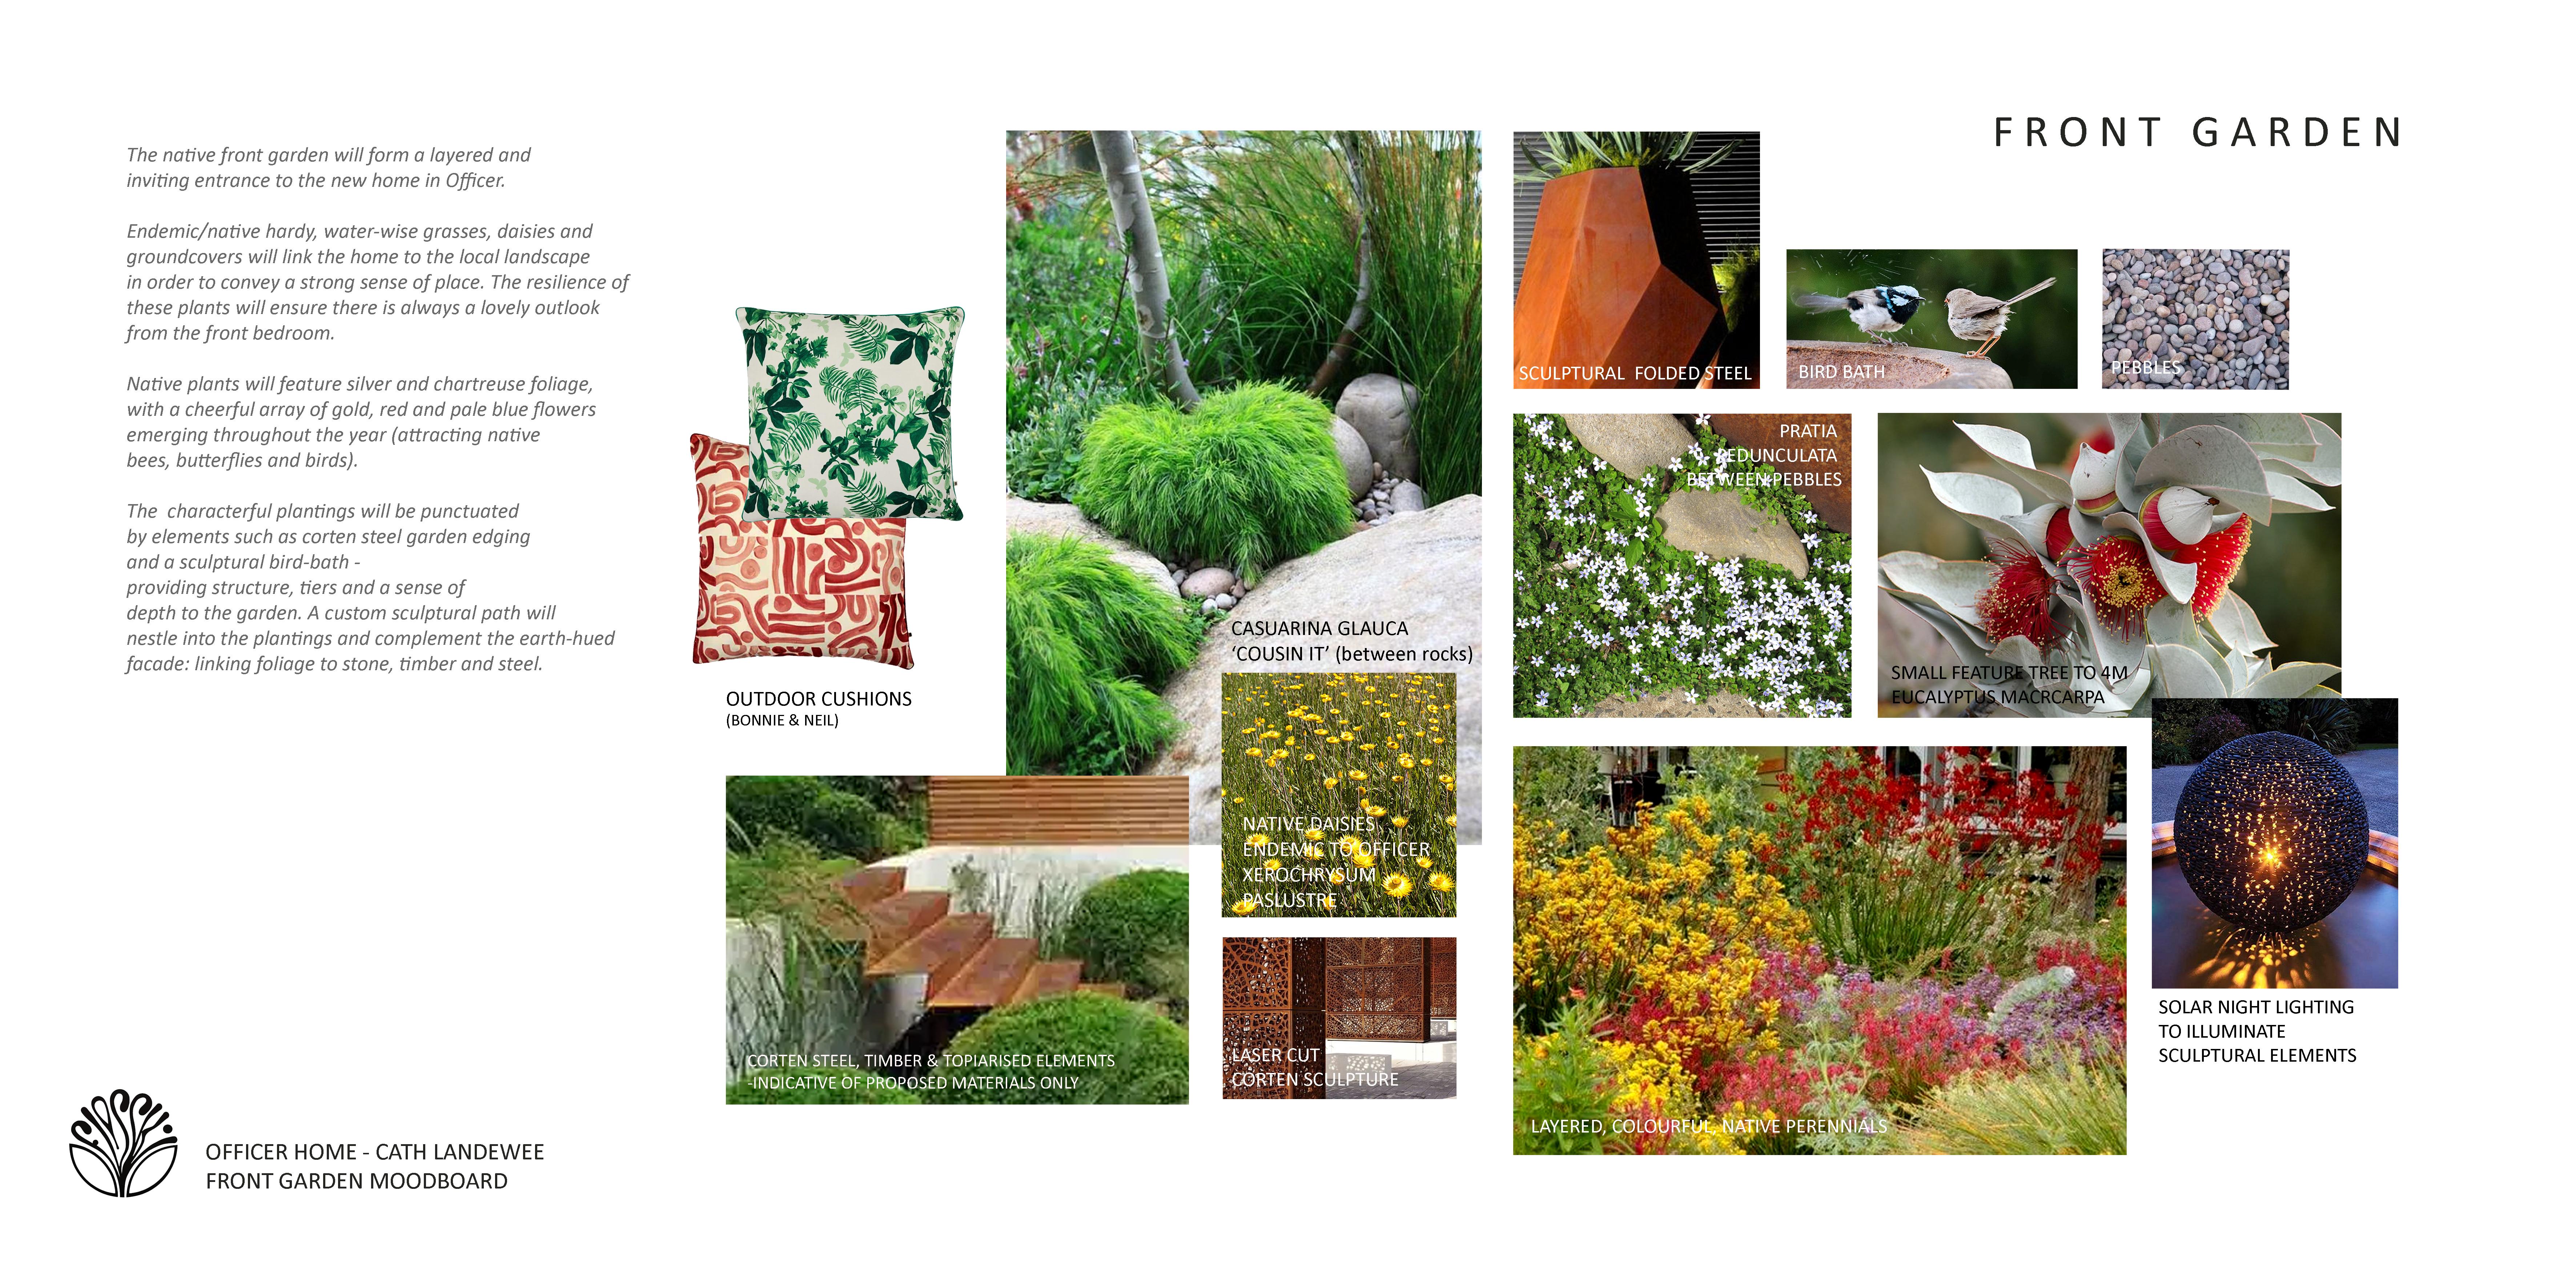 Front garden moodboard - Officer - Floss